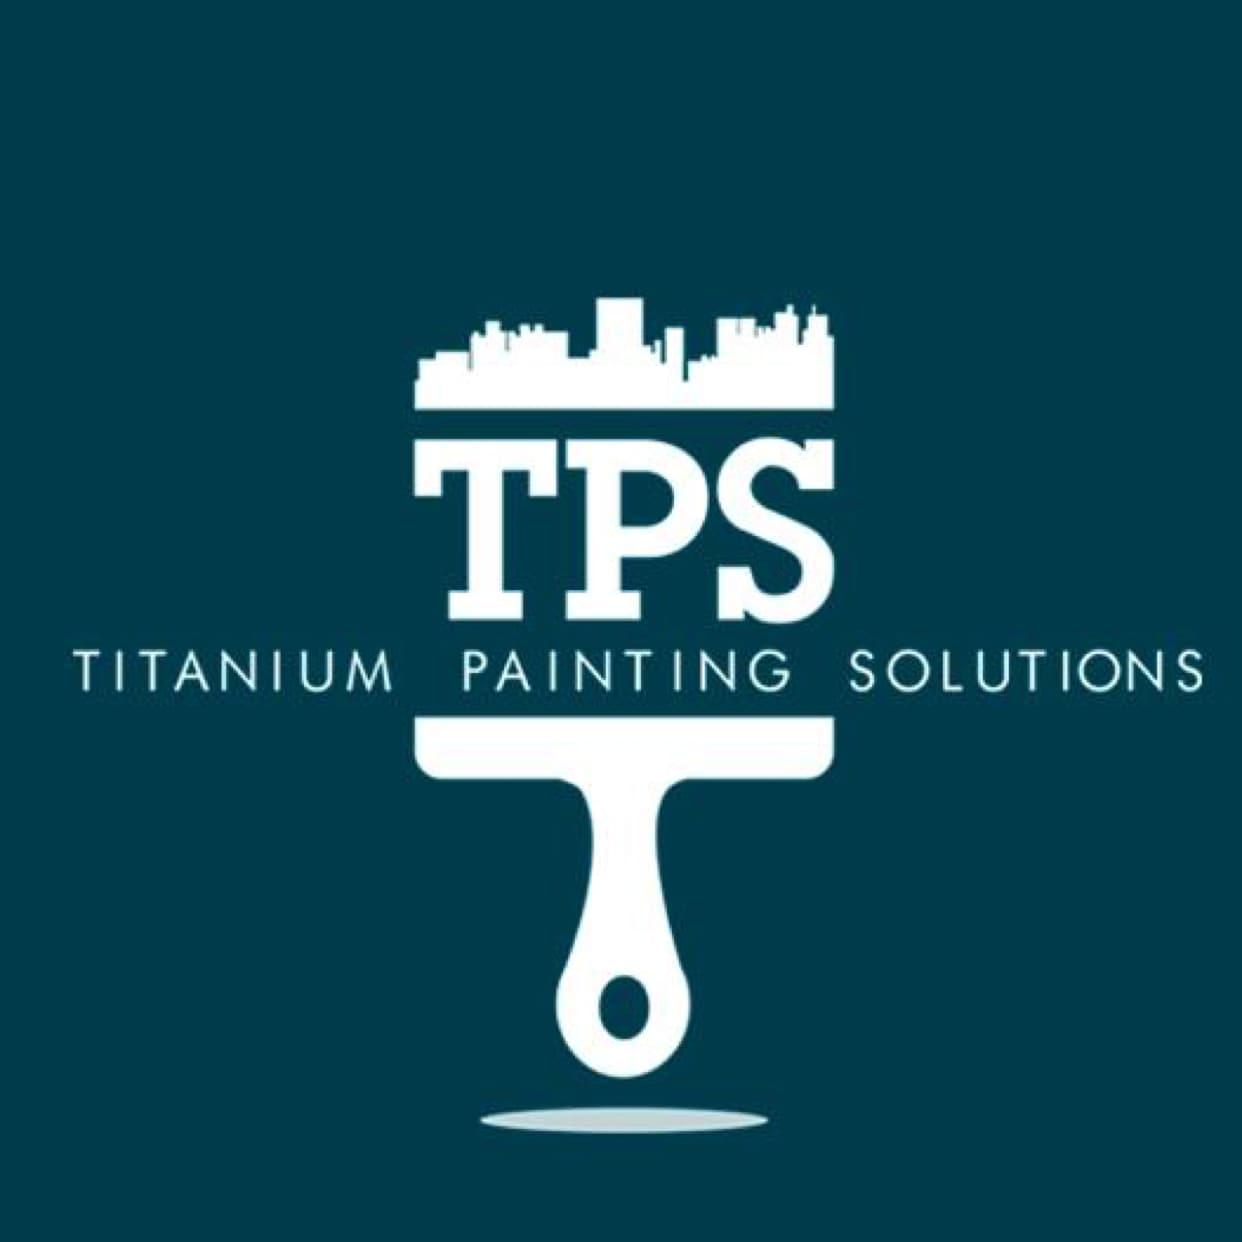 Titanium Painting Solutions